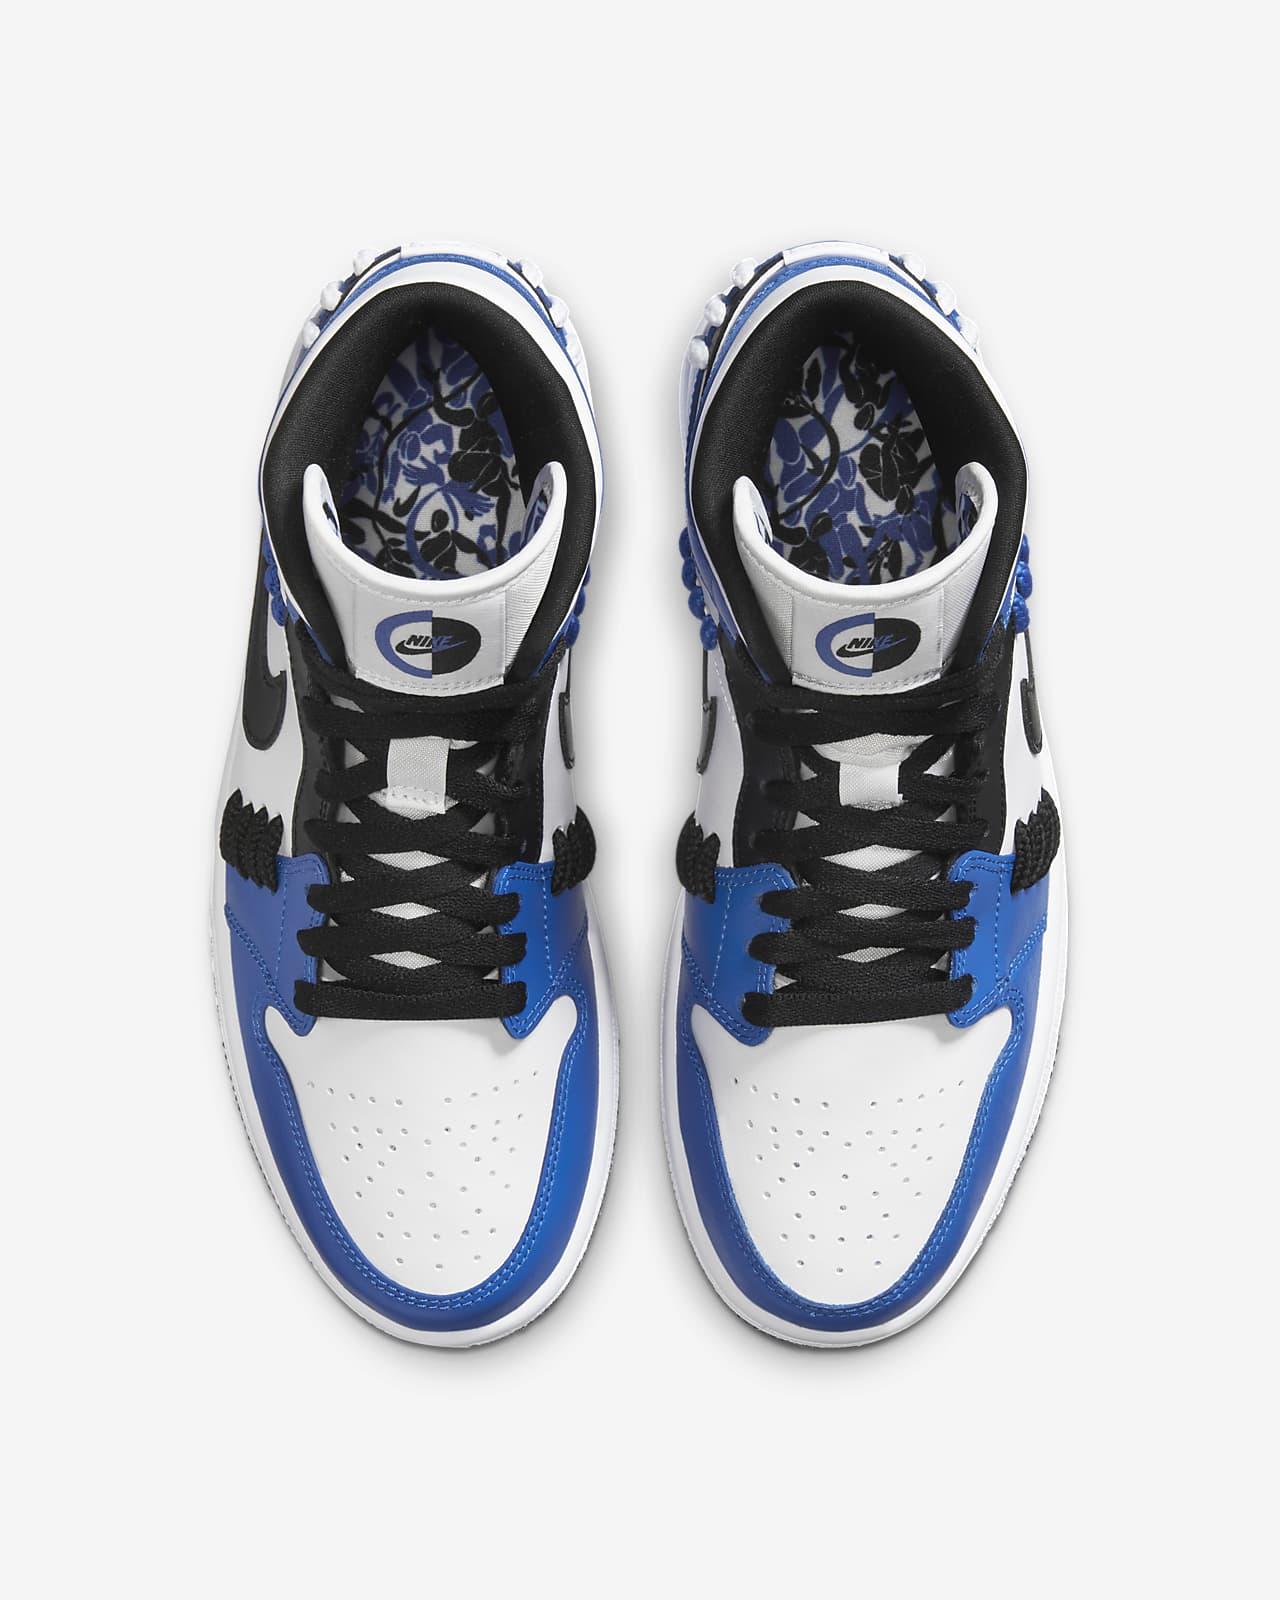 air jordan 1 azules y blancas mujer